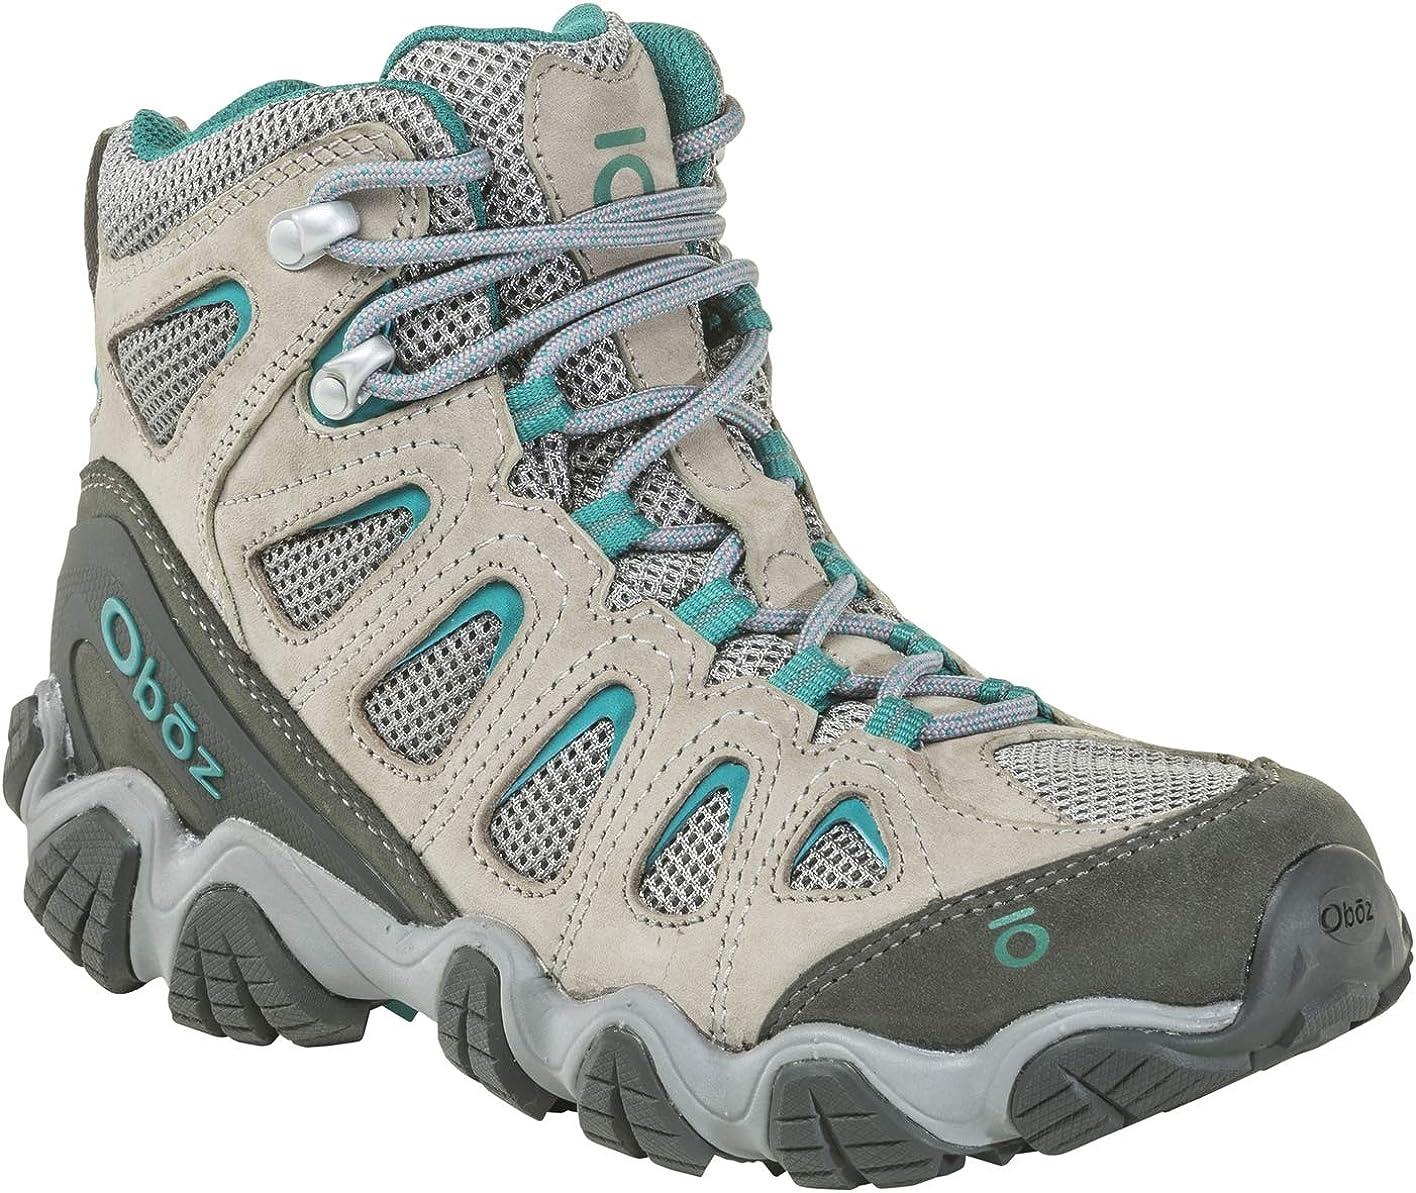 Oboz Women's Sawtooth II Mid Hiking Boot